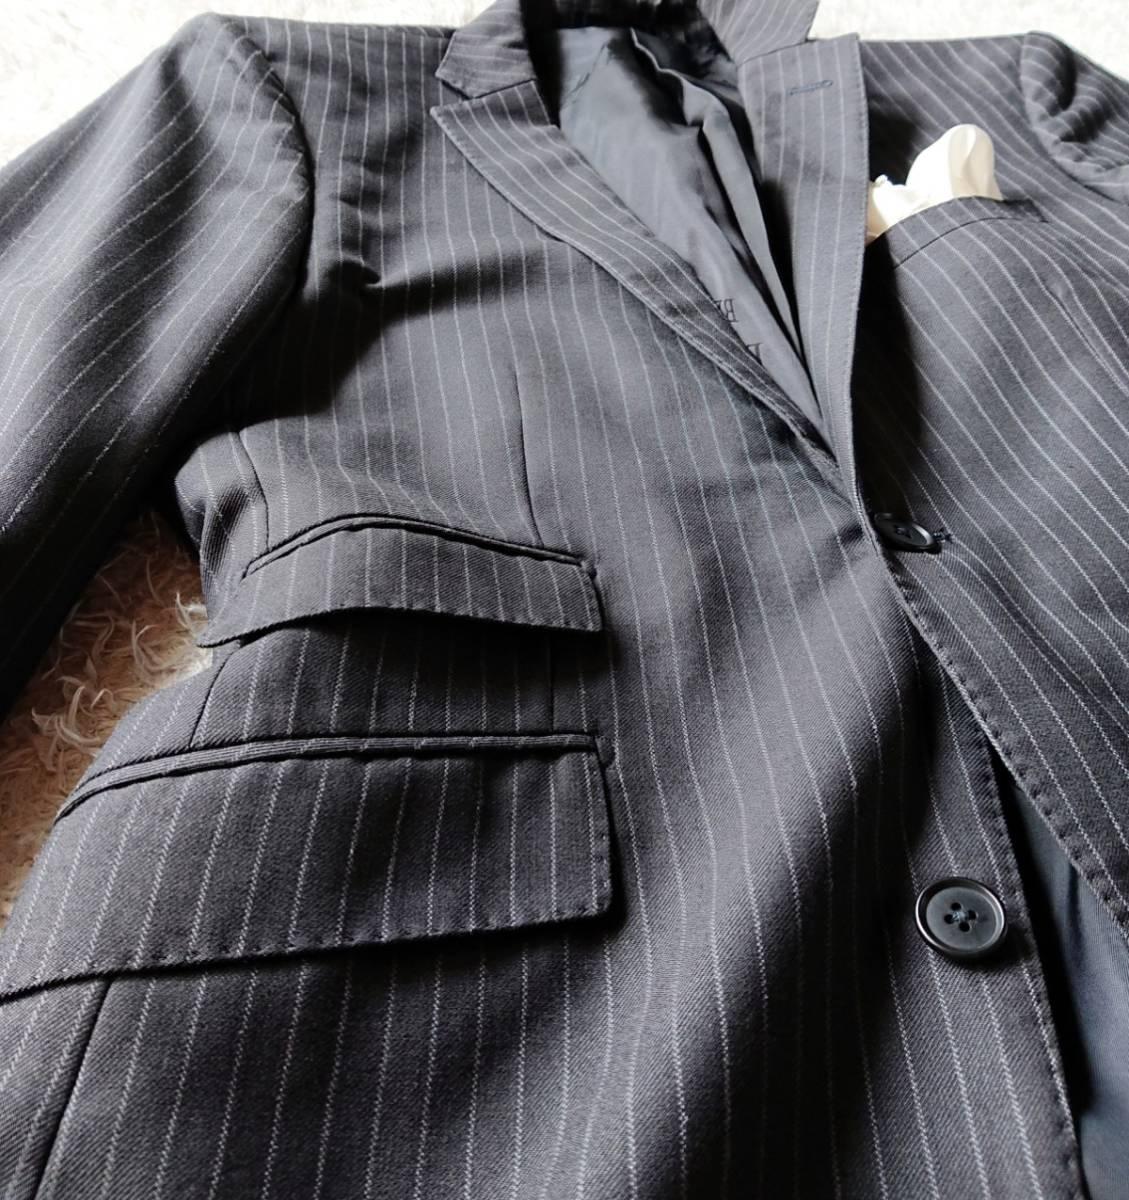 美品 英国仕様 希少な極上デザイン英文字ロゴ入 柔らかな肌触り★ バーバリー ブラック レーベル スーツ セットアップ メンズ ダークグレー_画像6